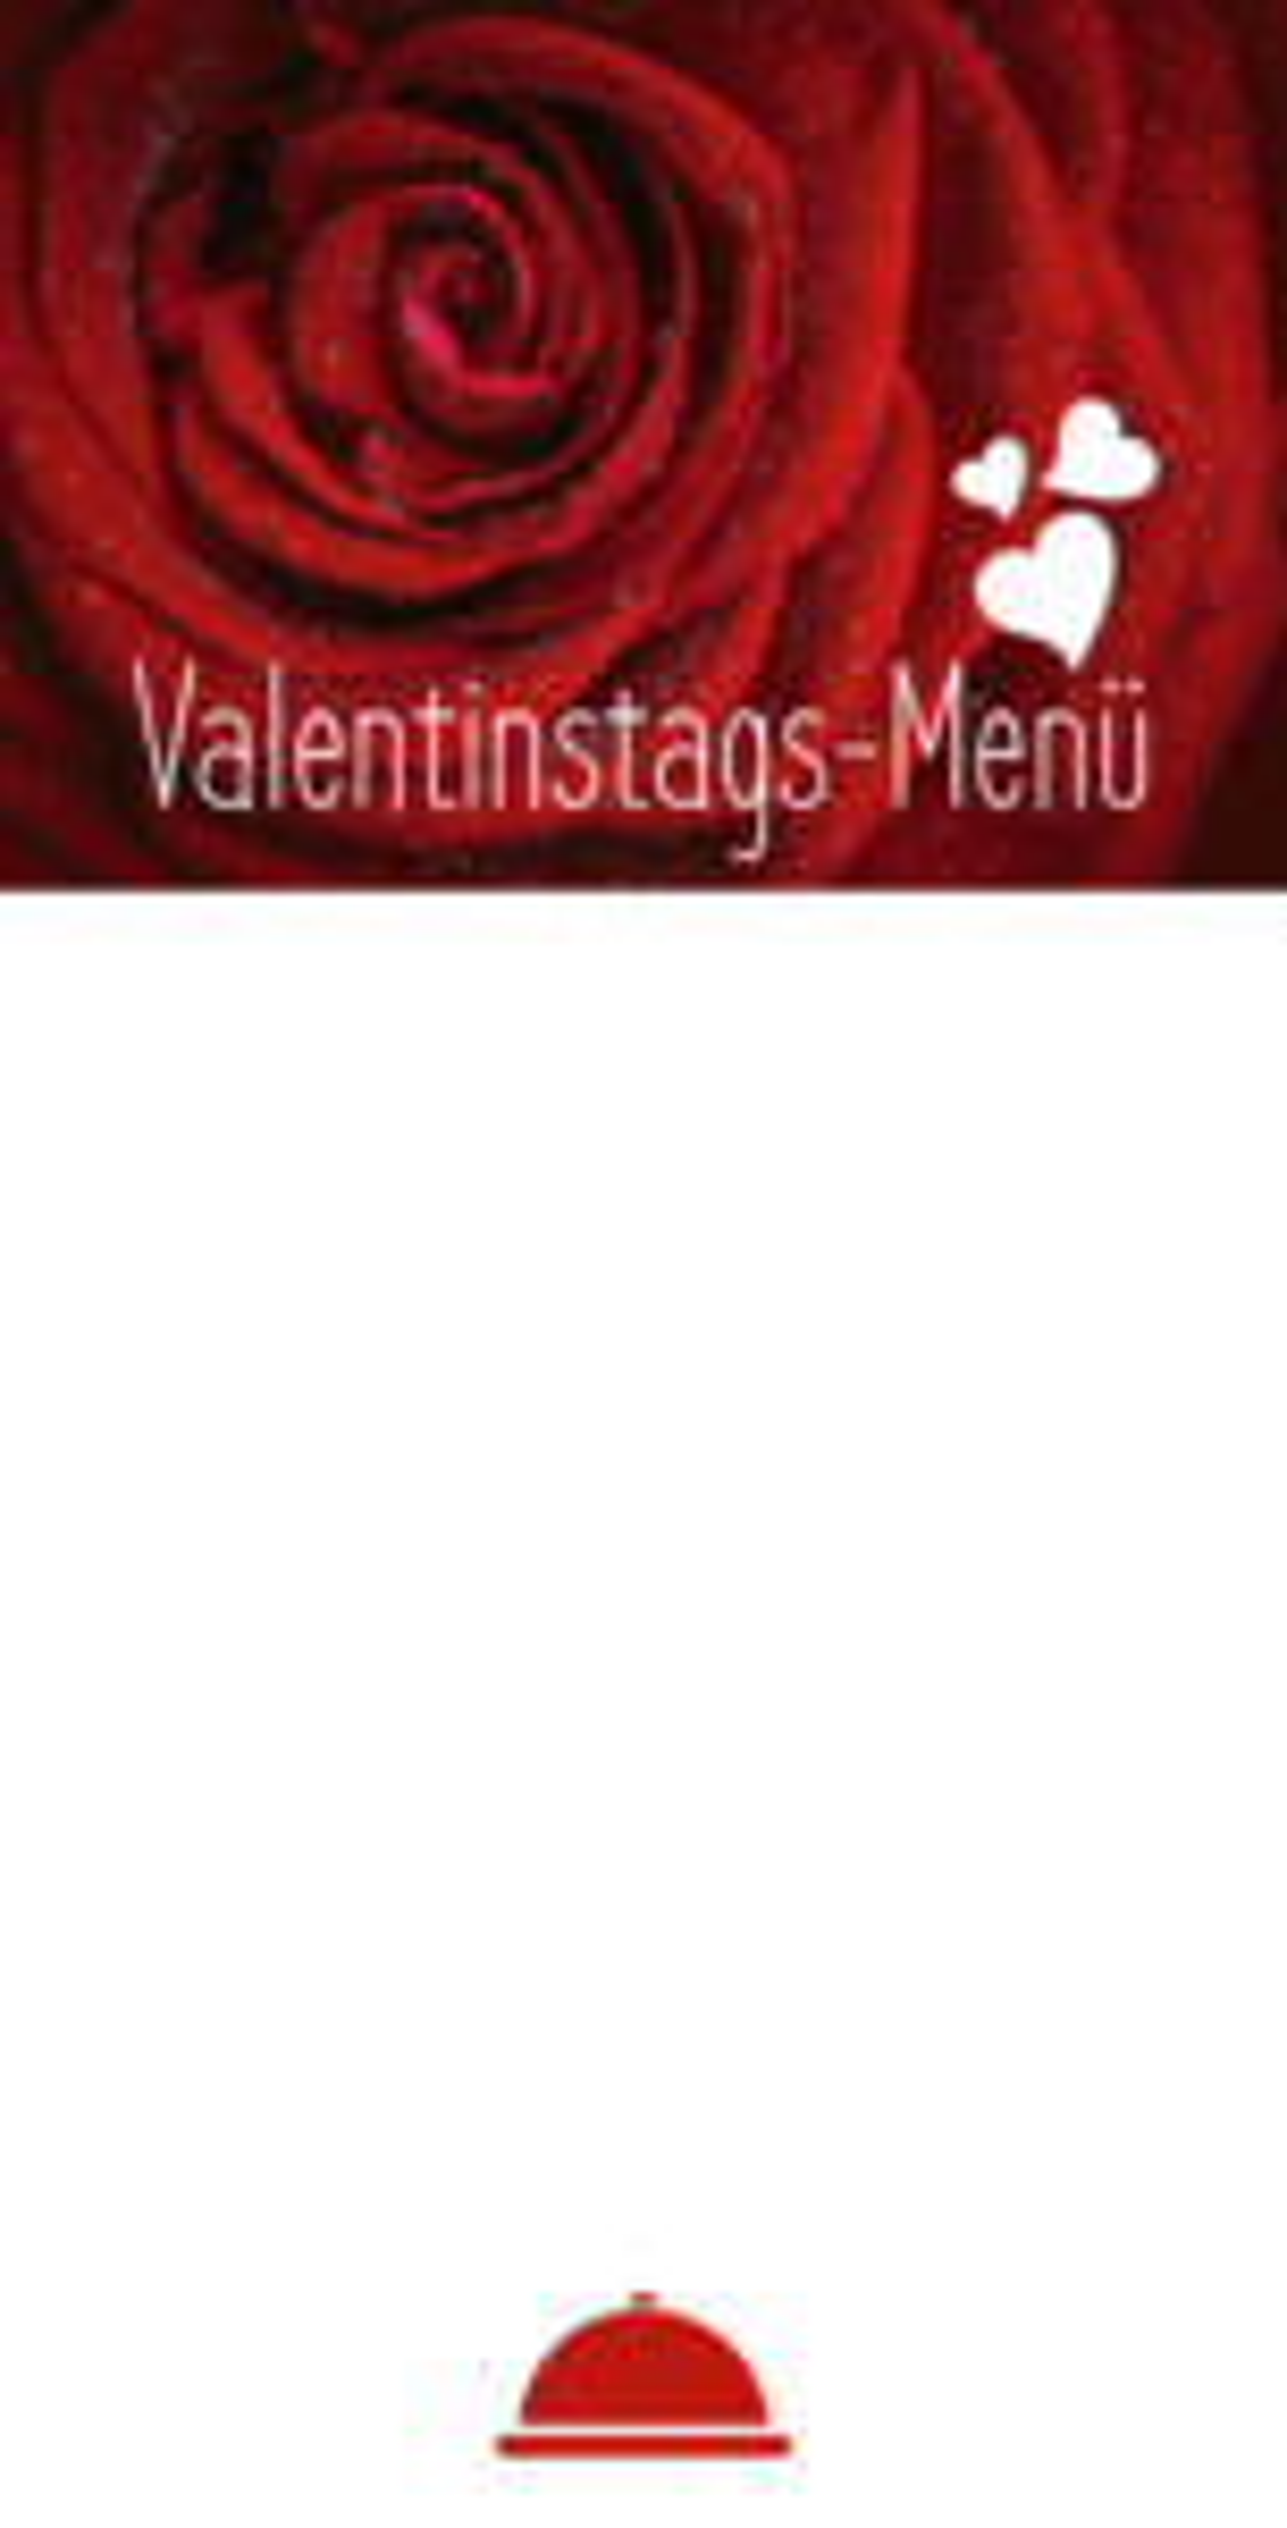 Vorlage einer Menükarte/Speisekarte für besondere Anlässe